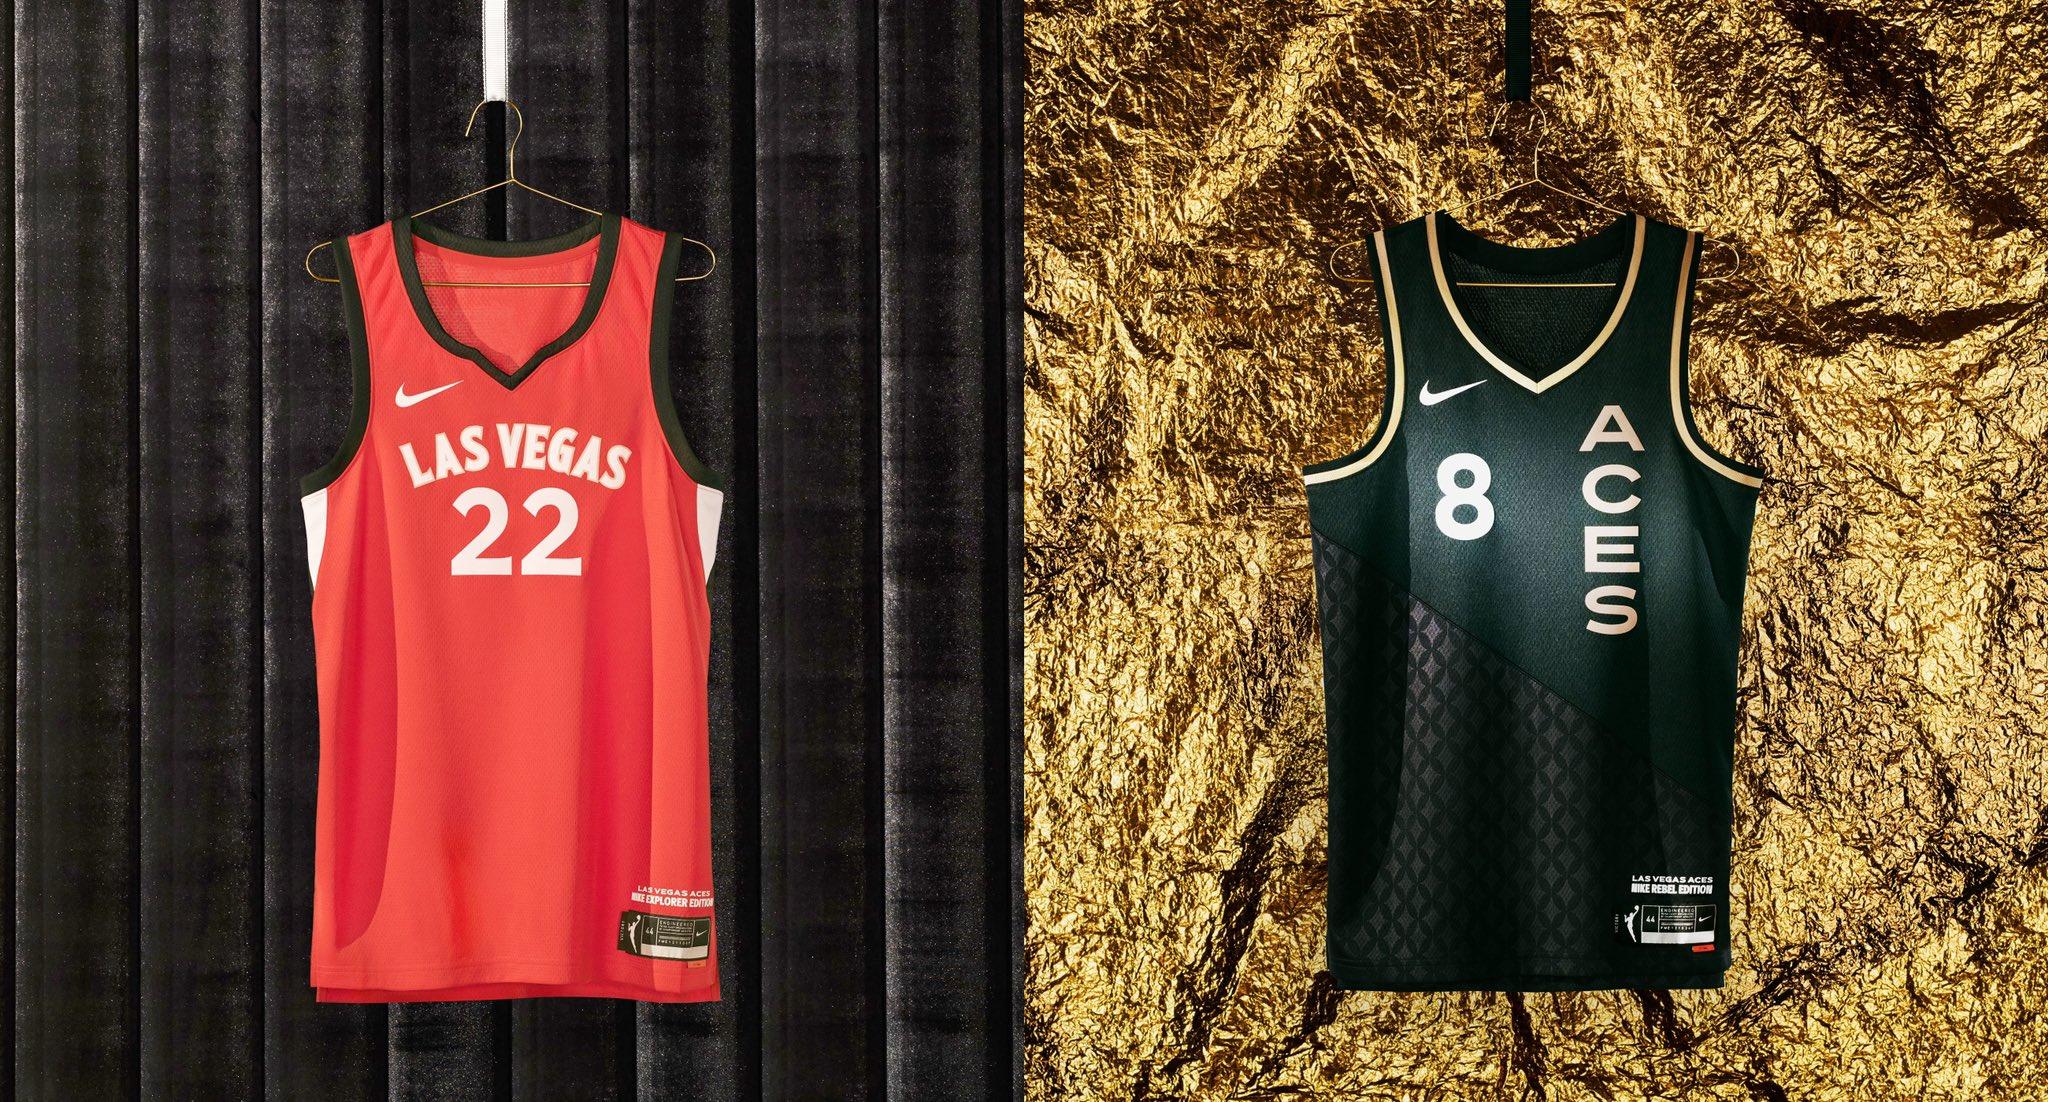 Las Vegas Aces jerseys